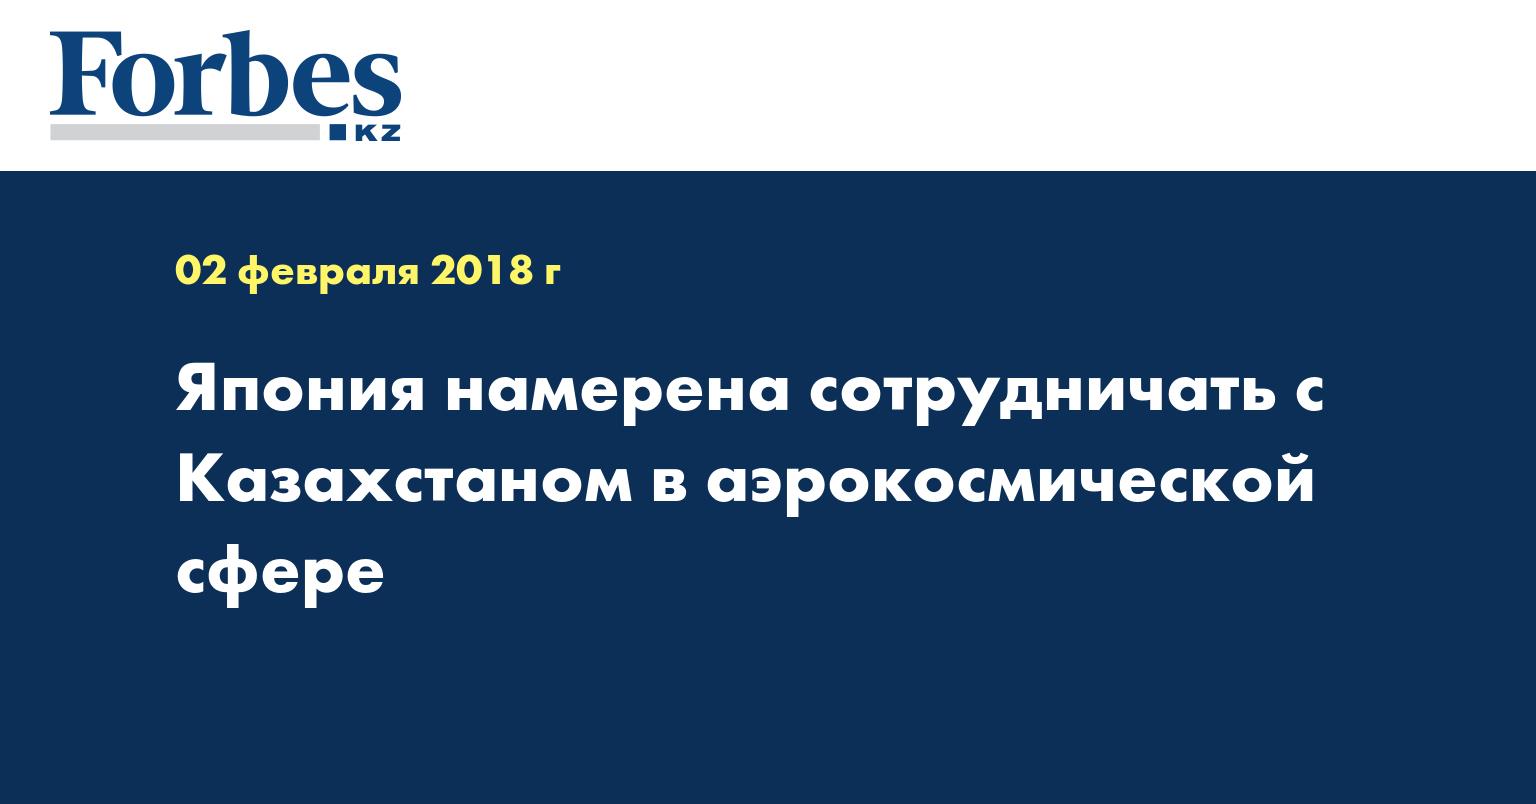 Япония намерена сотрудничать с Казахстаном в аэрокосмической сфере